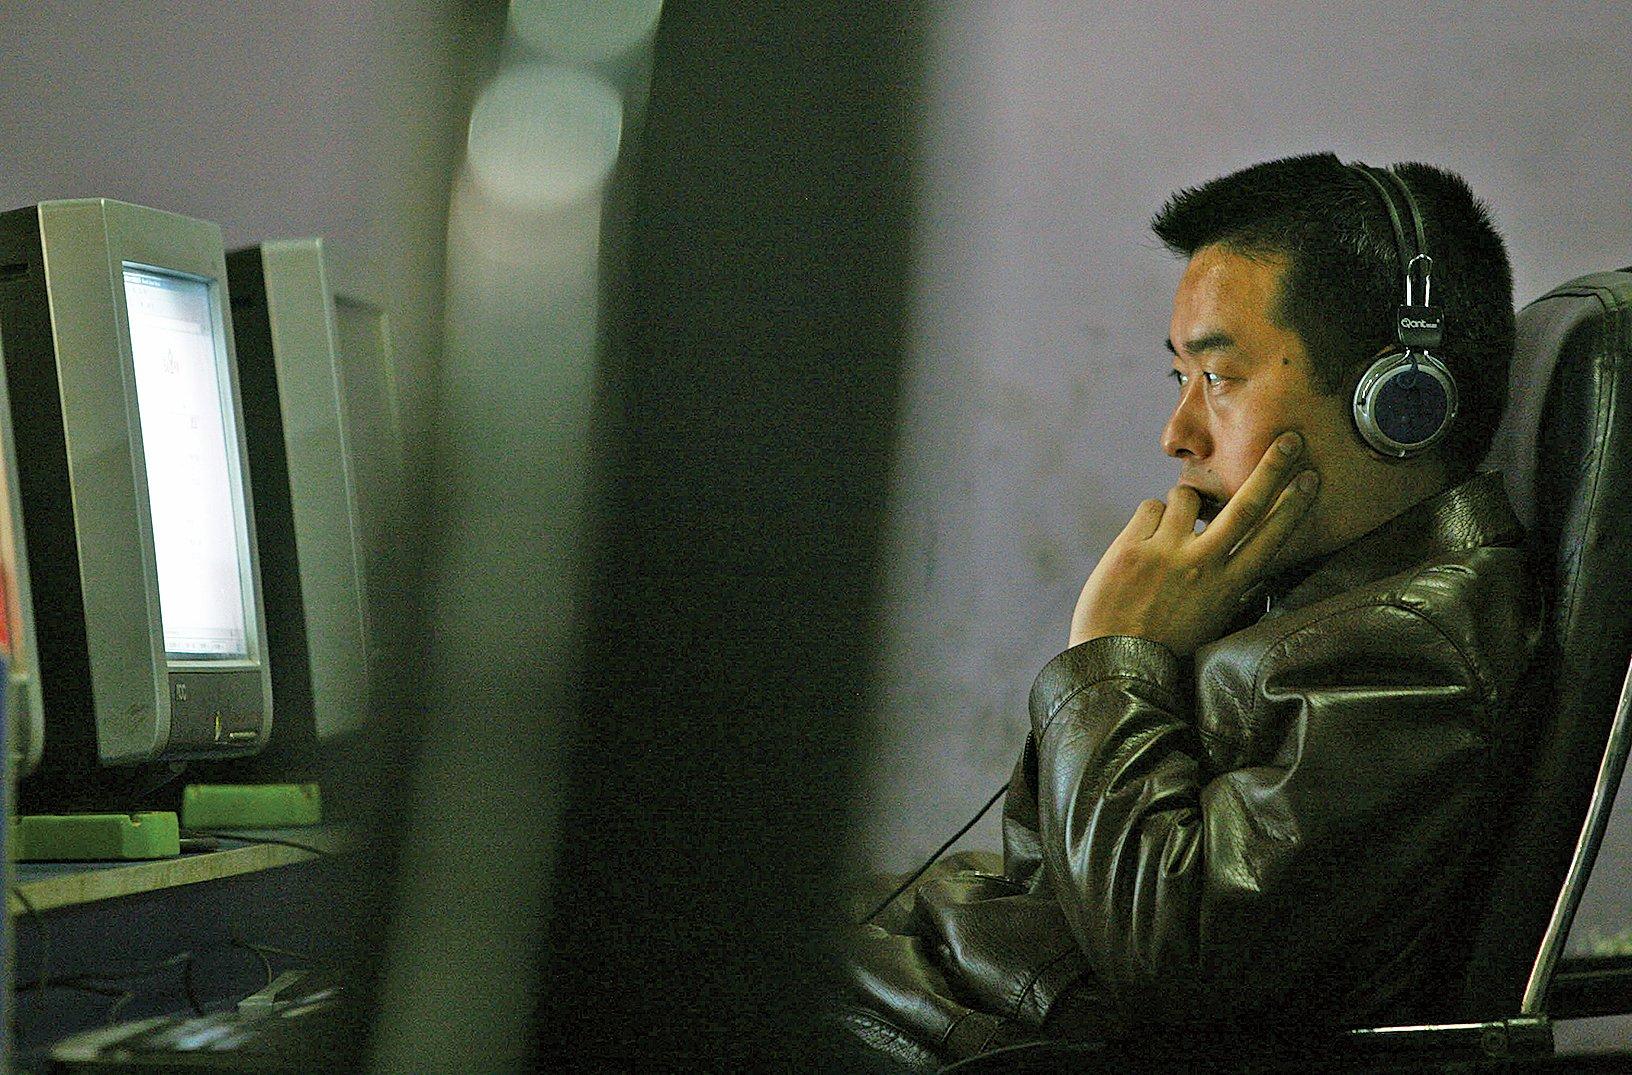 中共打壓VPN行動可能擾亂數百萬企業家、科學家和學生的工作學習,損害經濟發展和科學研究。(Getty Images)